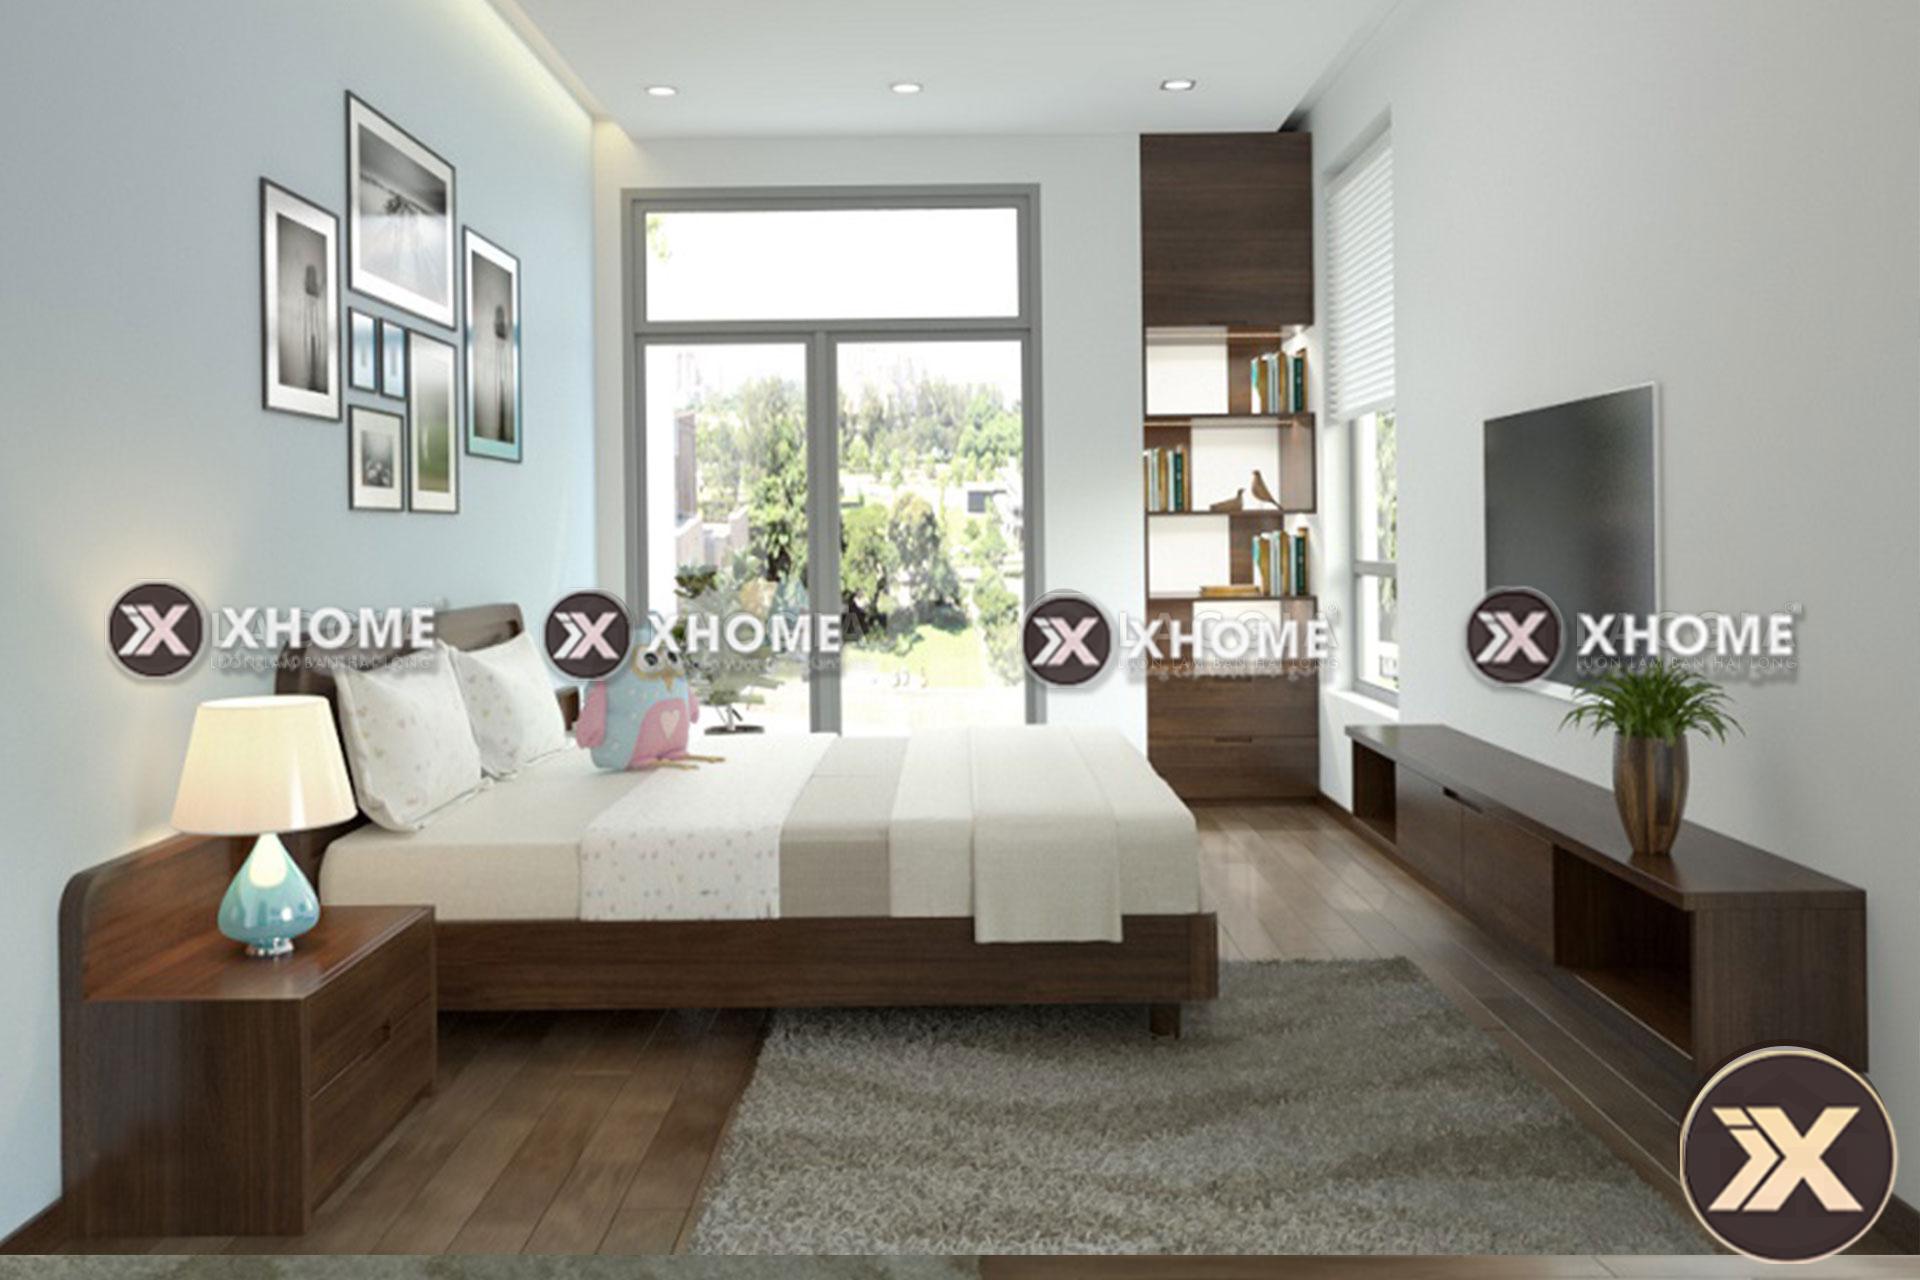 giuong ngu go hien dai gn02 - Giường ngủ gỗ hiện đại GN02